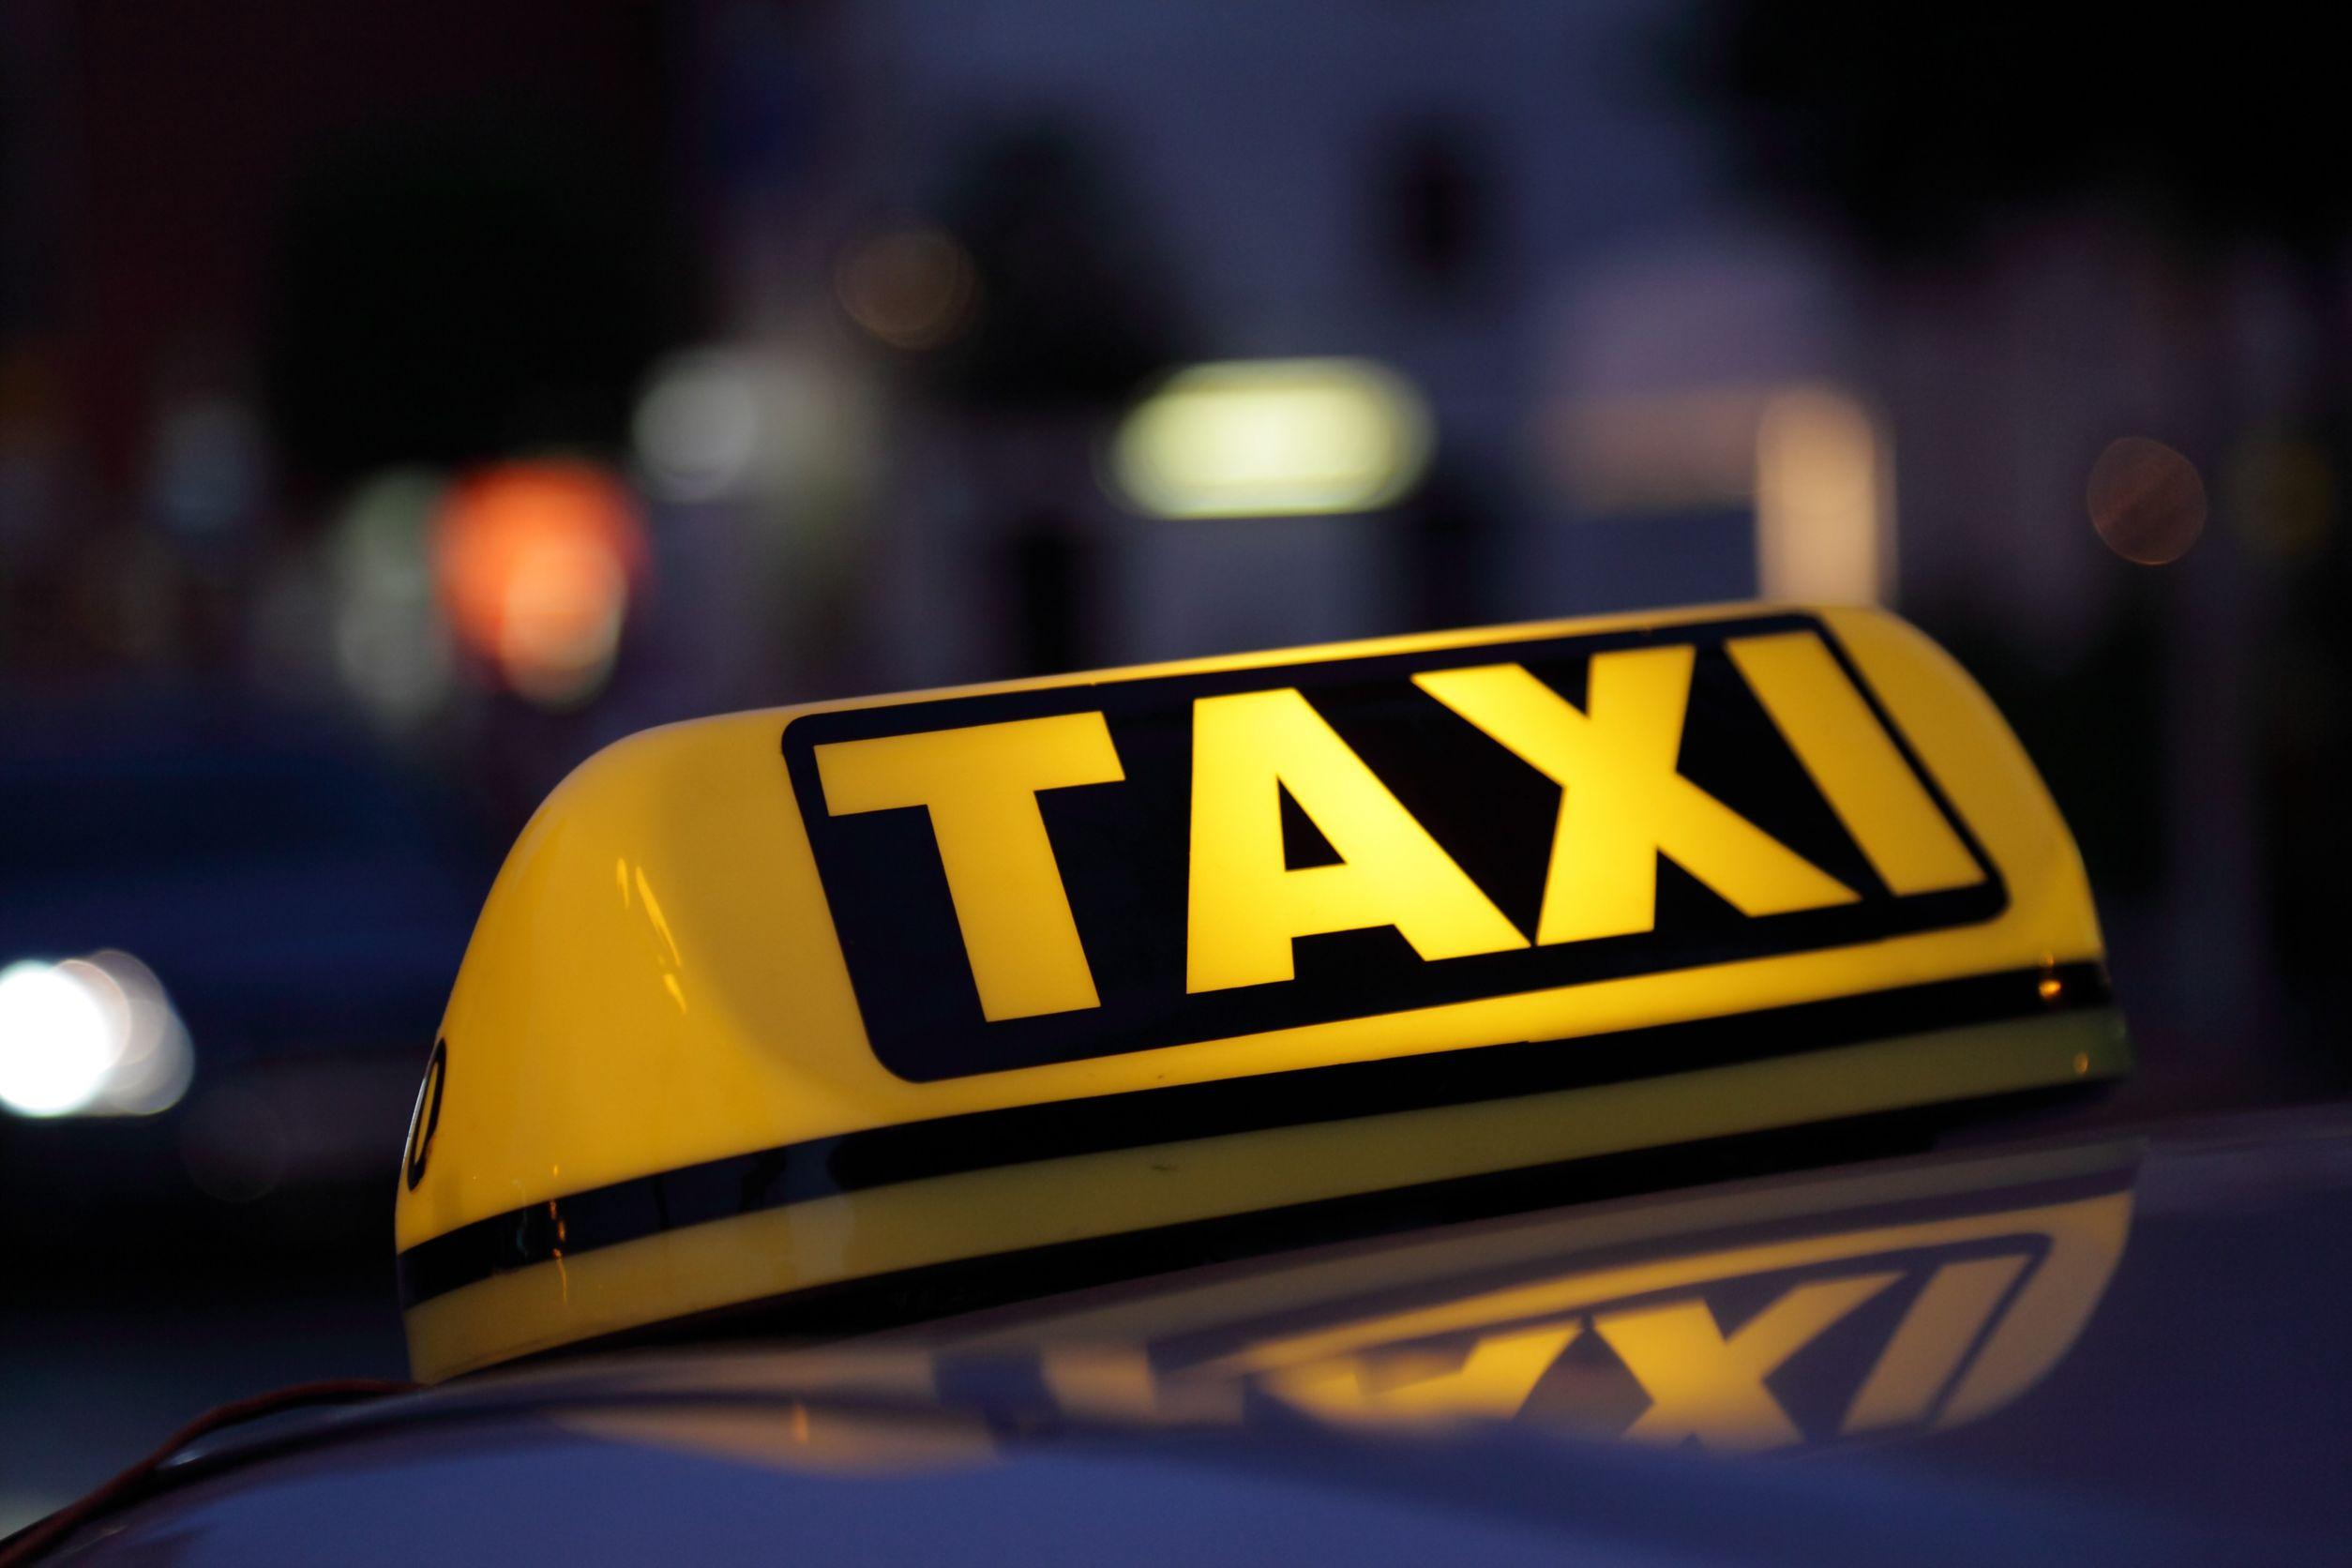 Άρση μέτρων: Αυξάνεται ο αριθμός των επιβατών σε ΙΧ και ταξί – Τι ισχύει για μάσκες και πρόστιμα